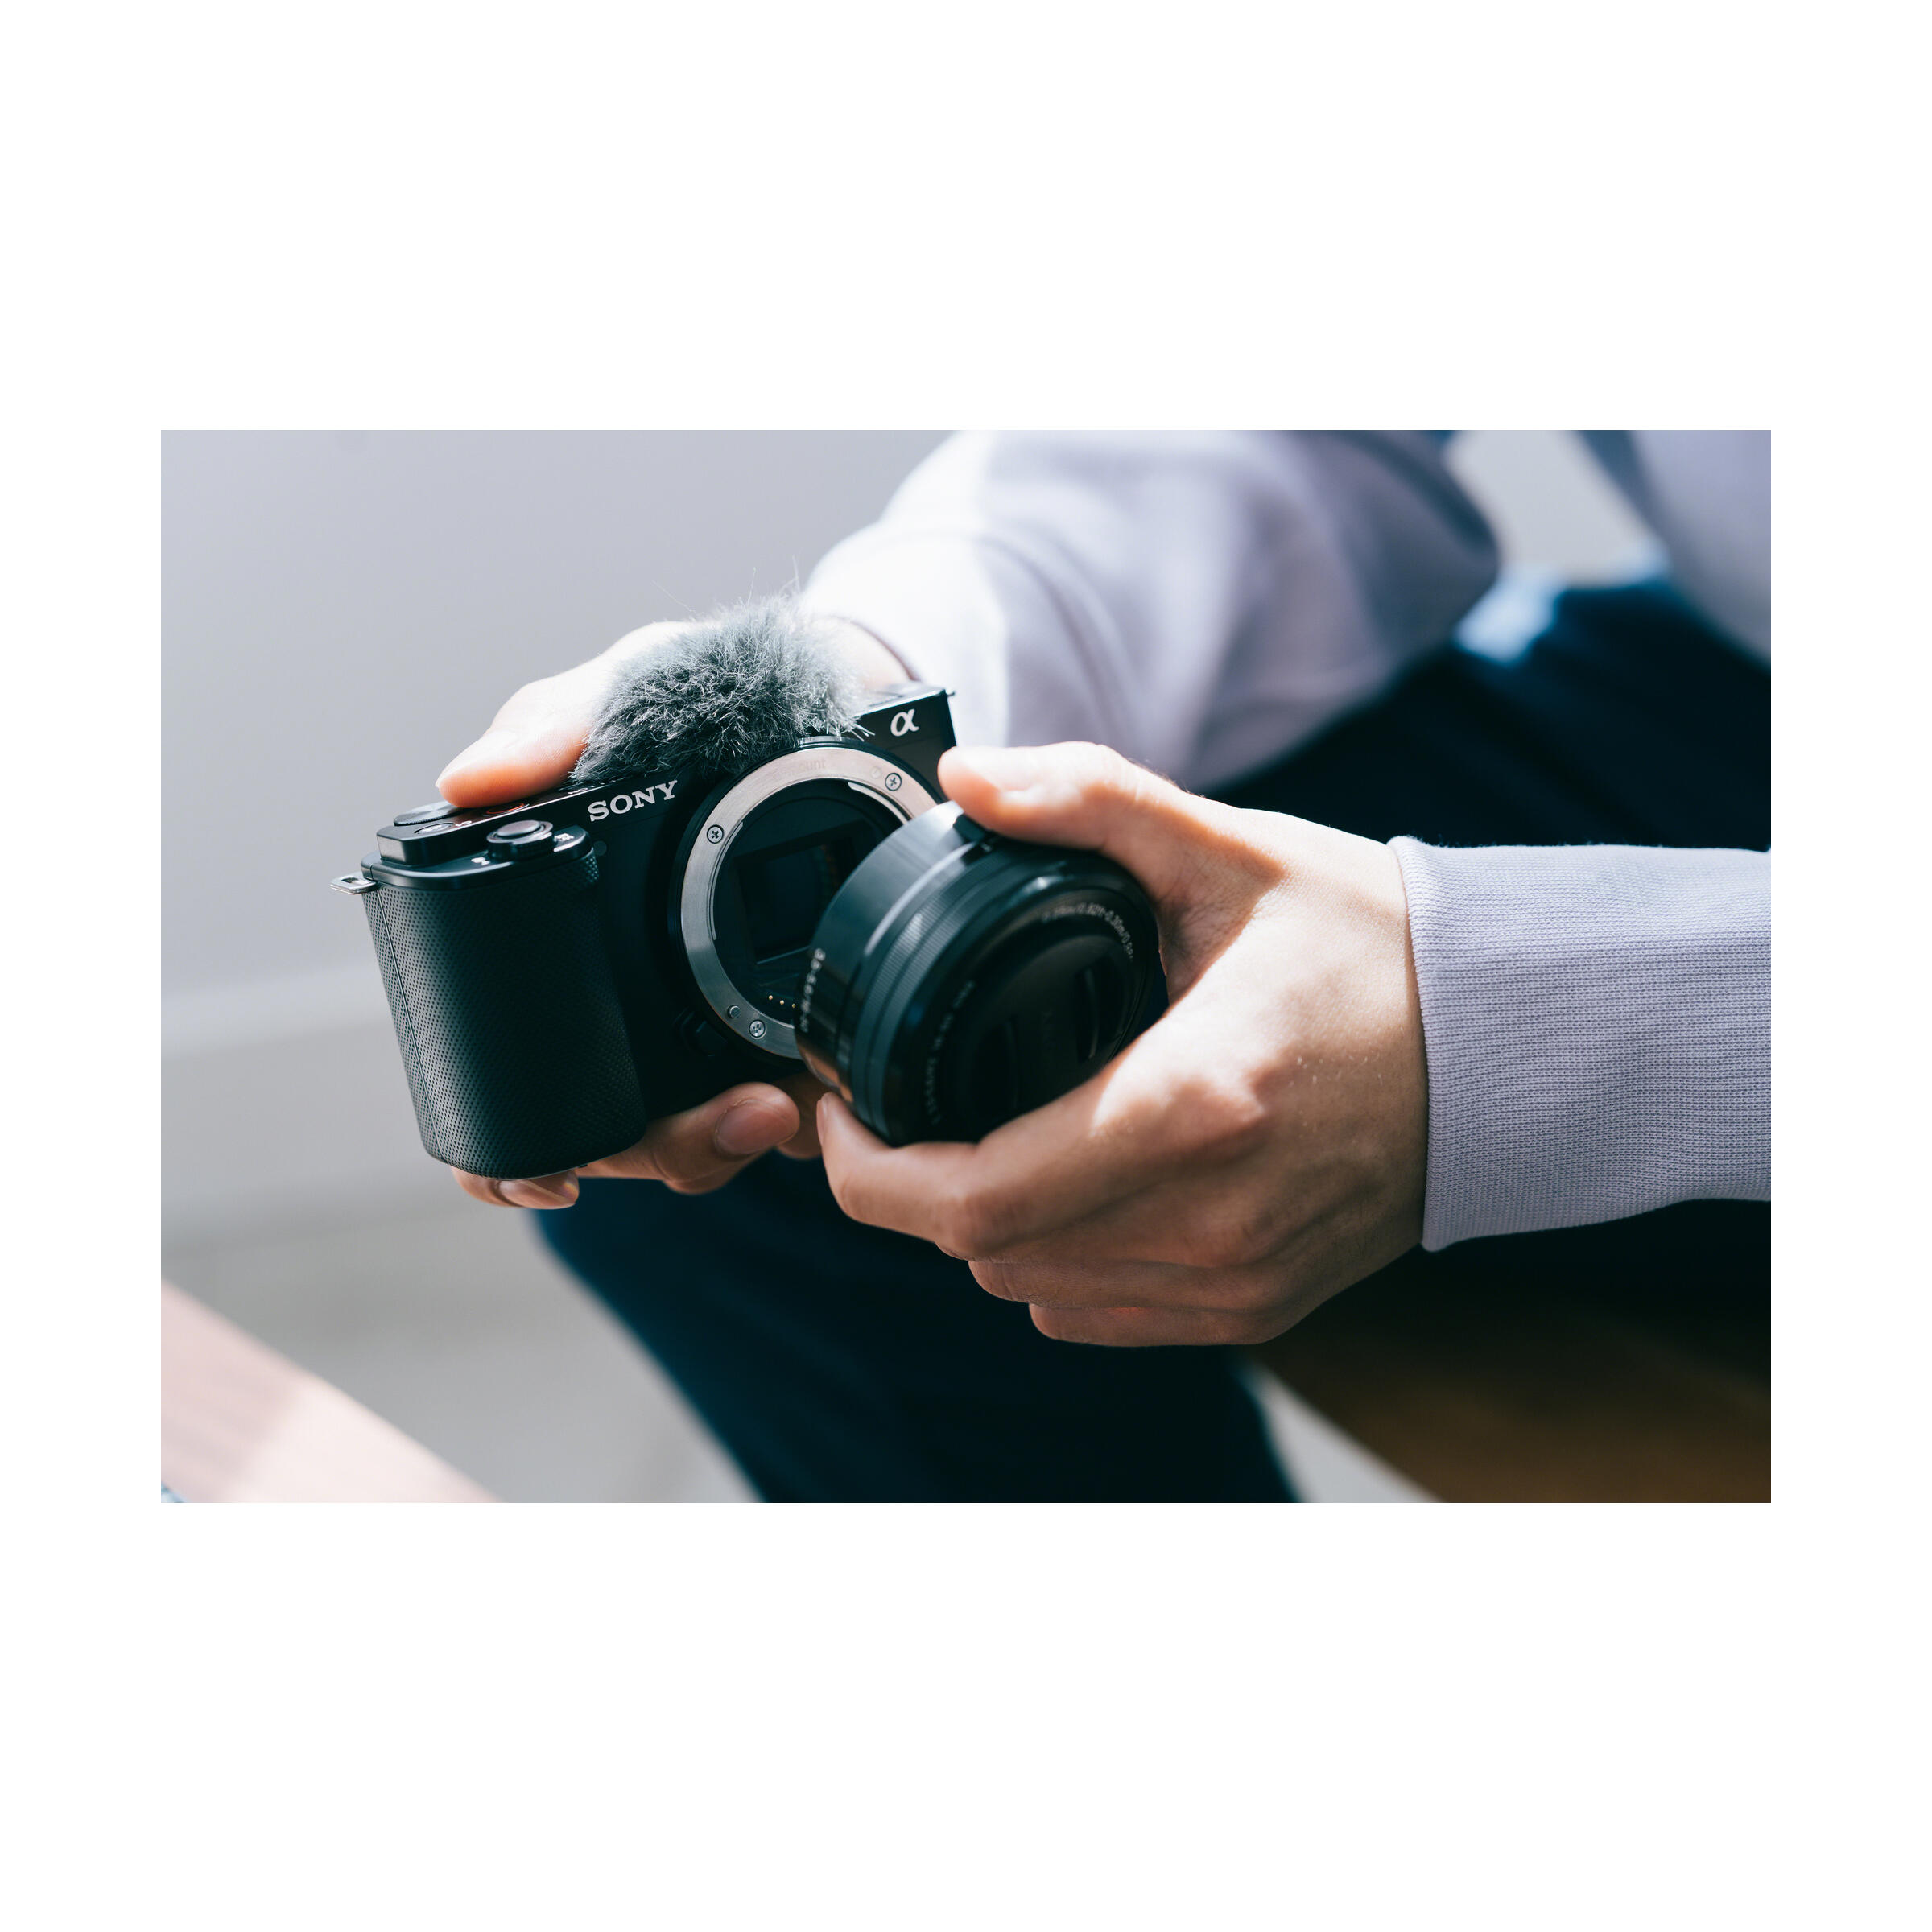 Sony ZV-E10 + E PZ 16-50mm OSS